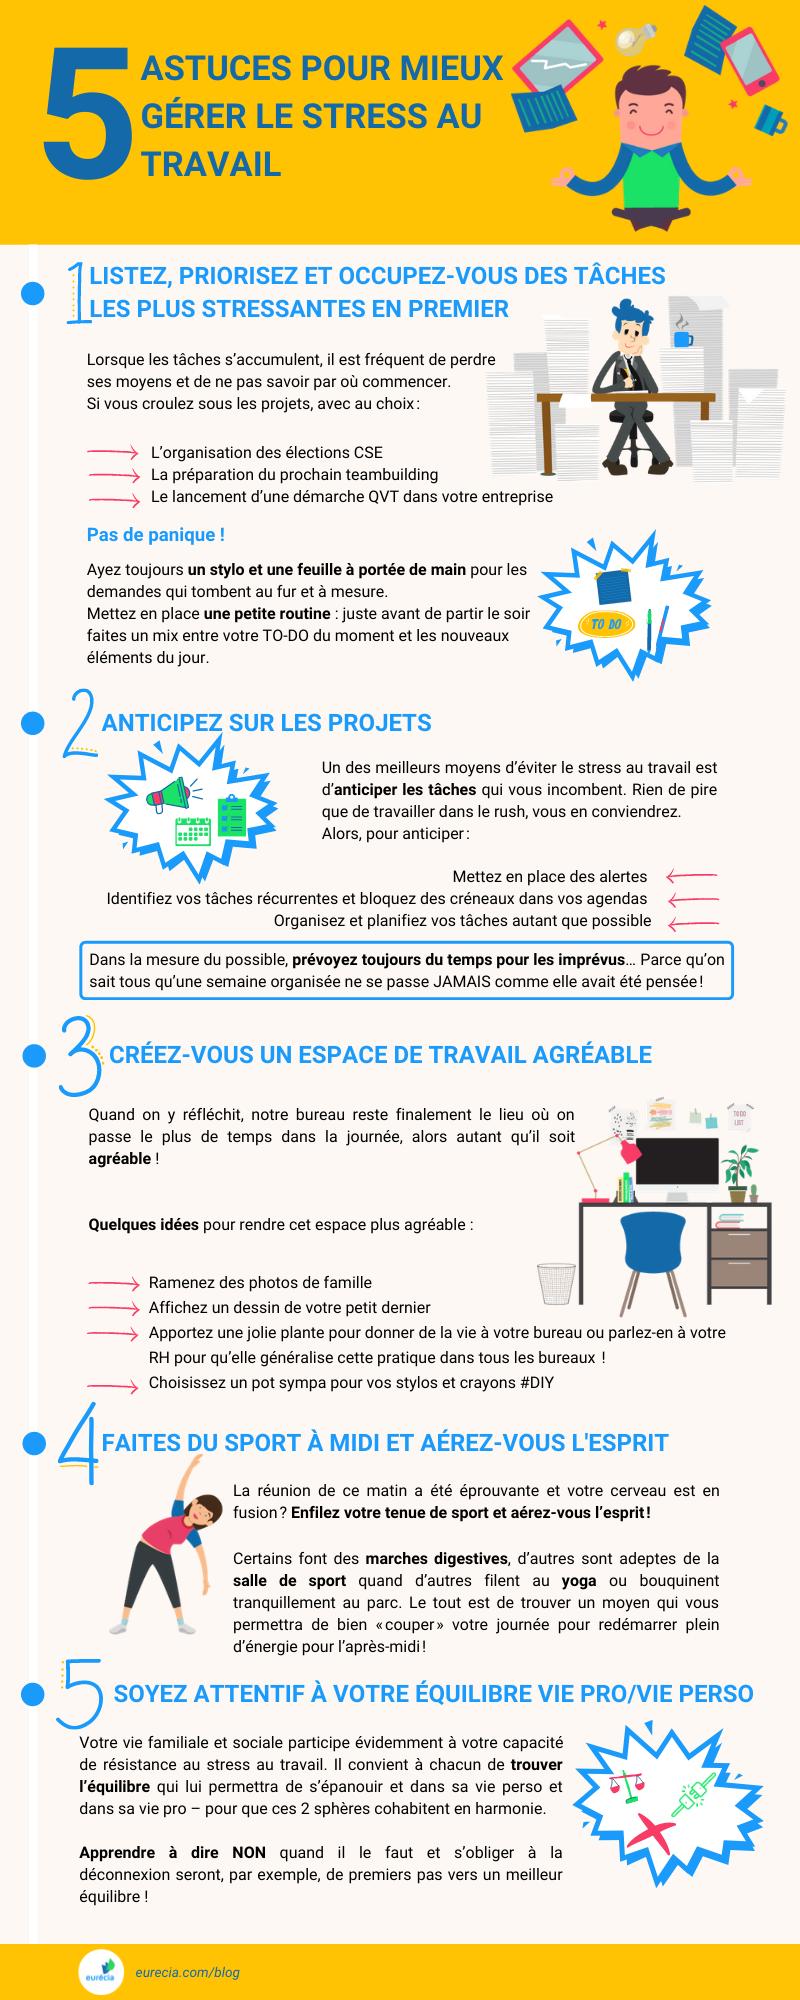 infographie_5_astuces_pour_mieux_gerer_le_stress_au_travail.png